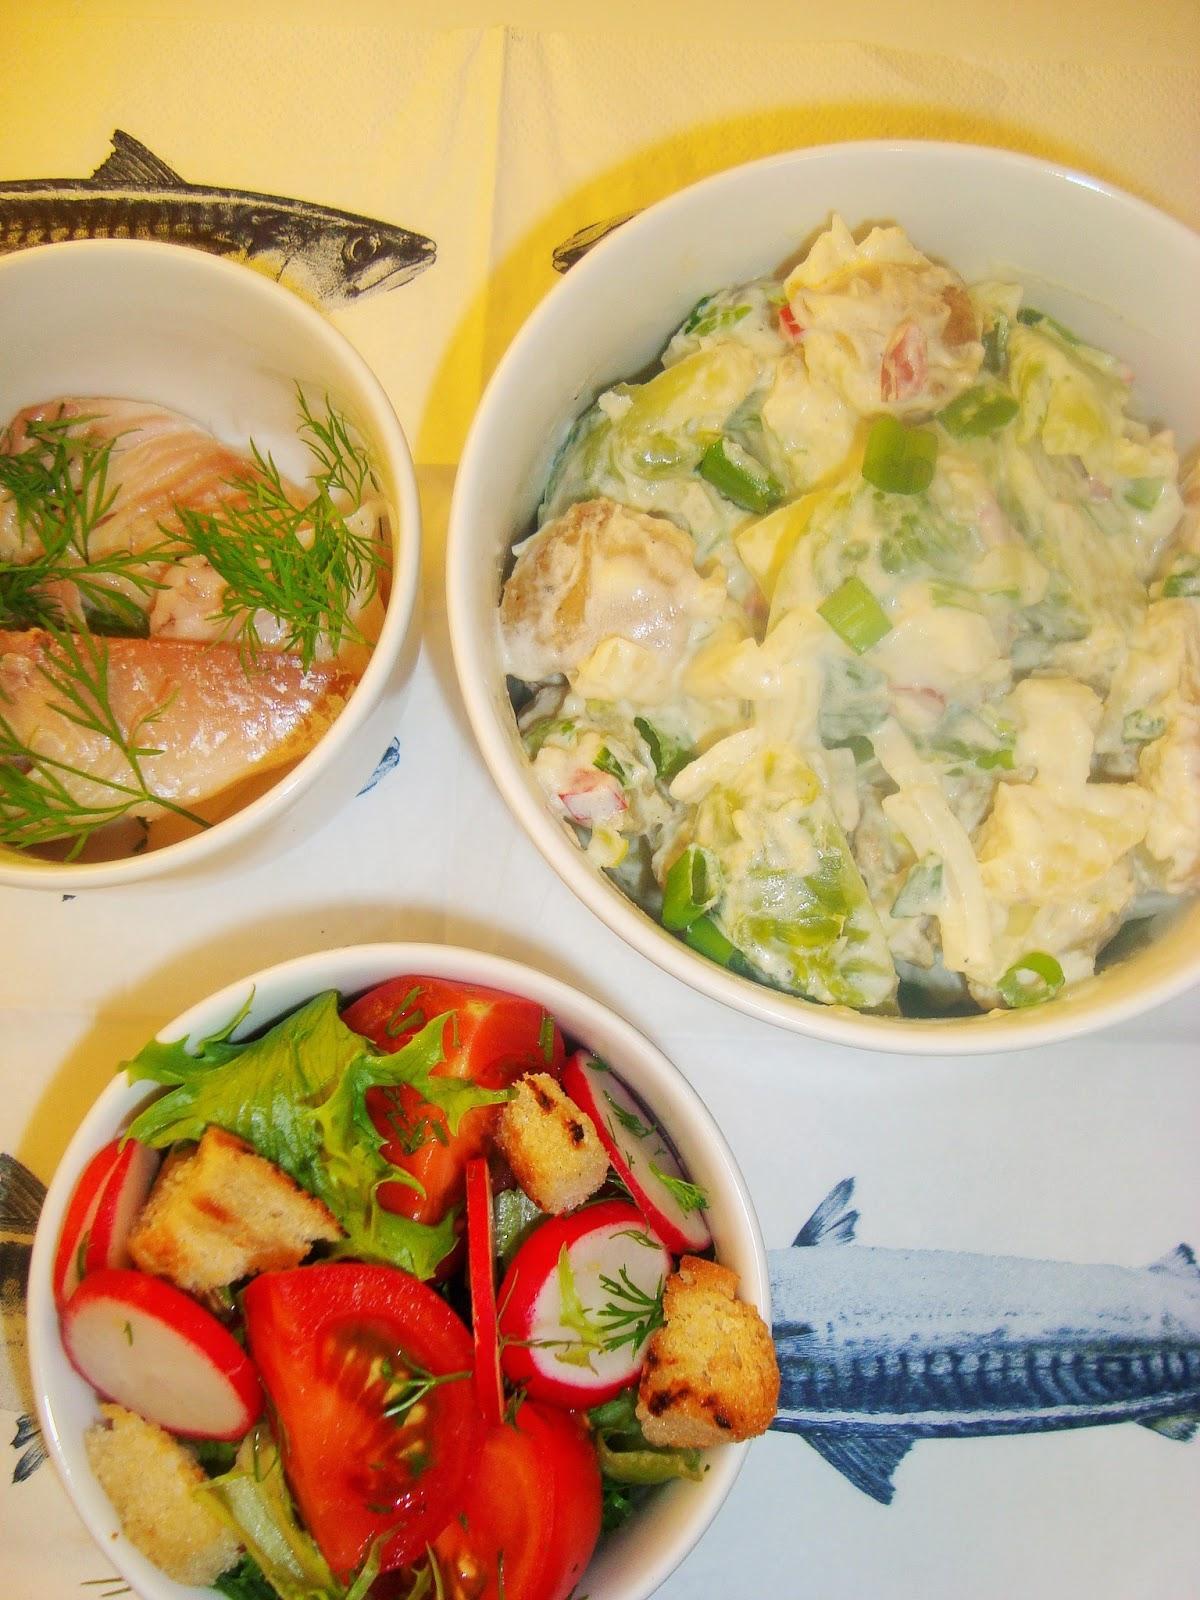 Savusiika, perunasalaatin sekä vihersalaatin seurassa